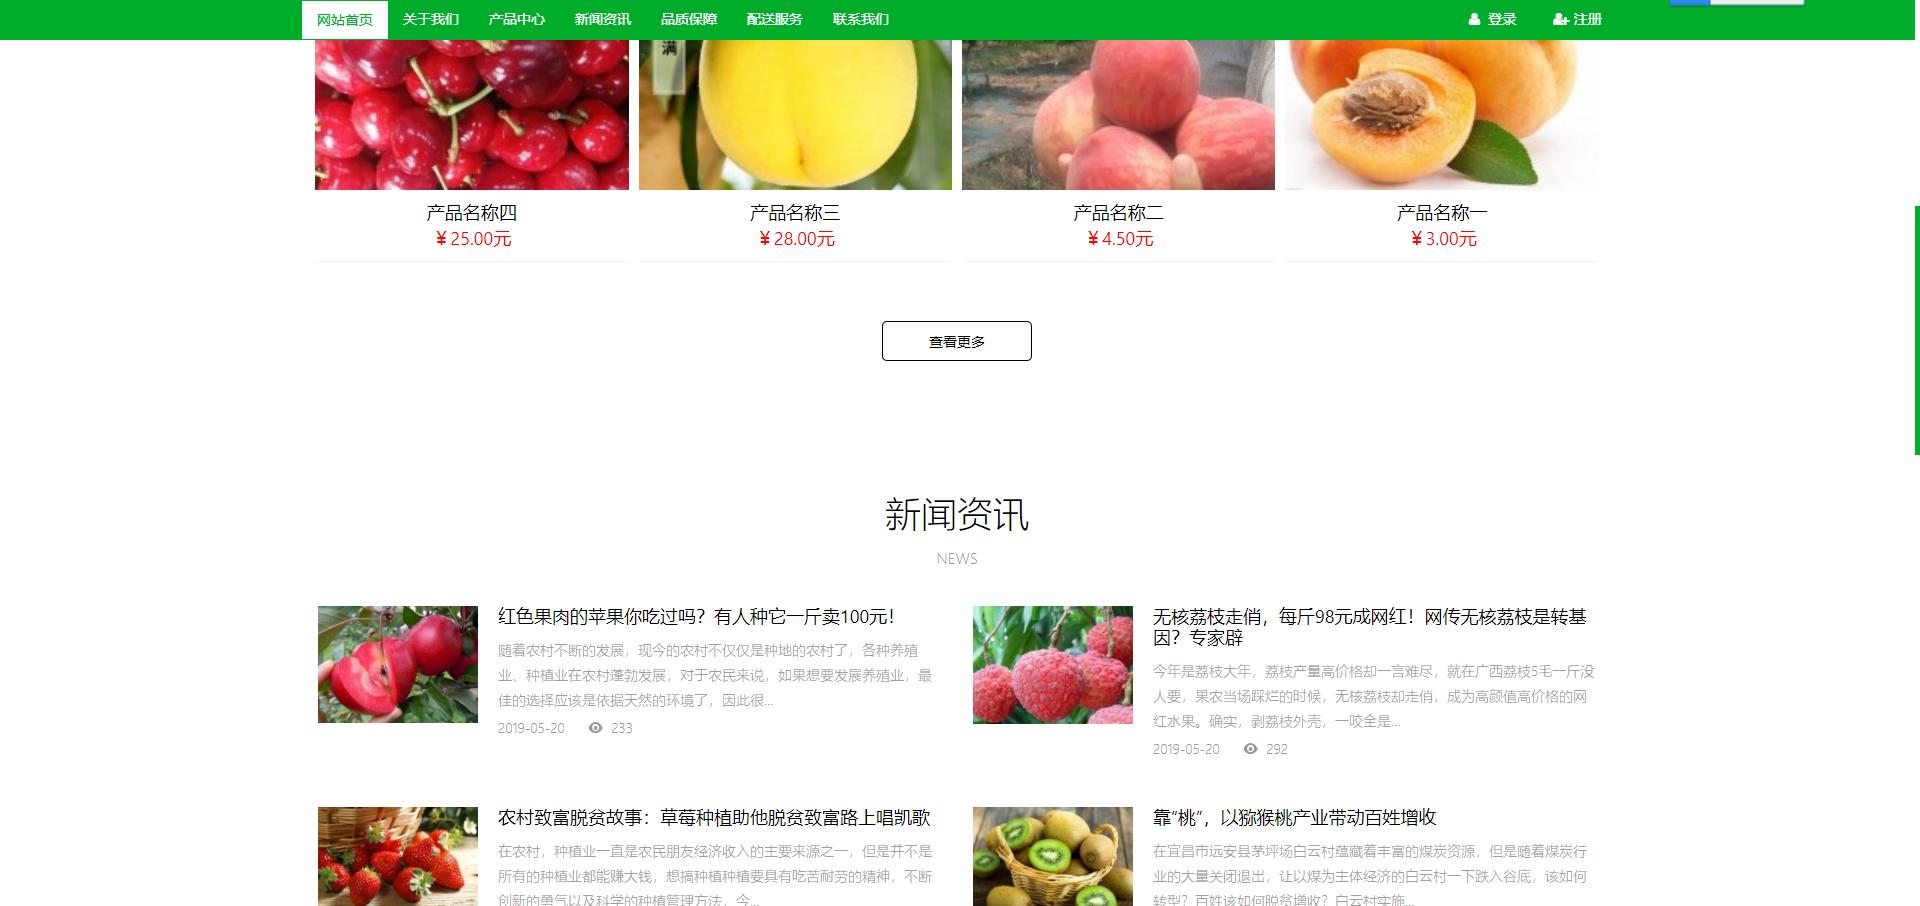 亲测丨易优CMS响应式水果生鲜网站绿色企业产品展示新闻发布模板源码下载